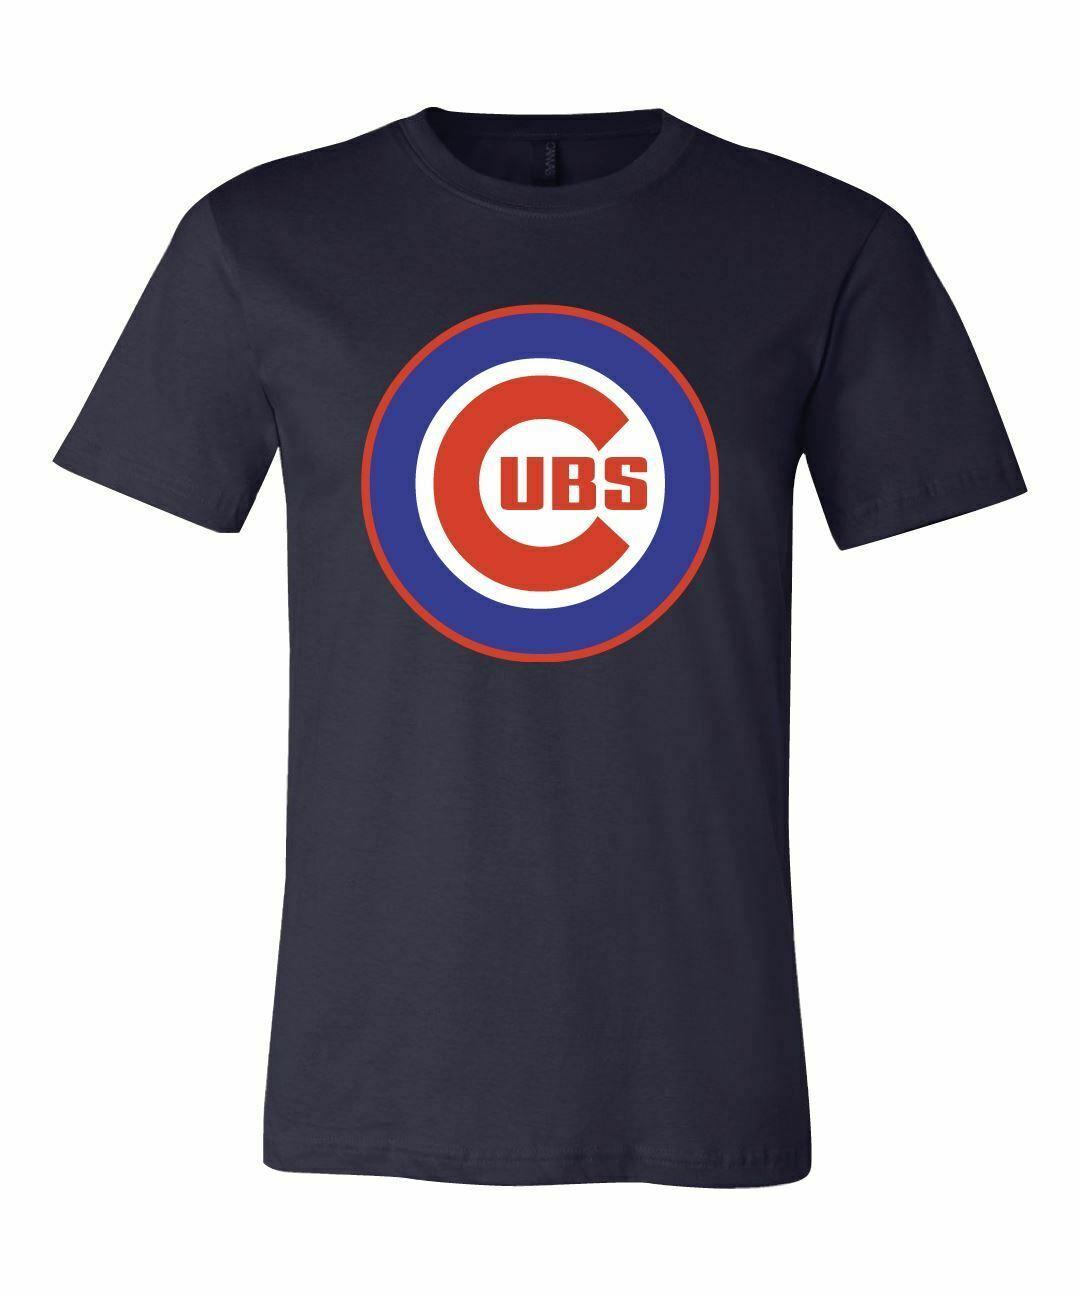 Chicago Cubs Team Shirt   jersey shirt image 5